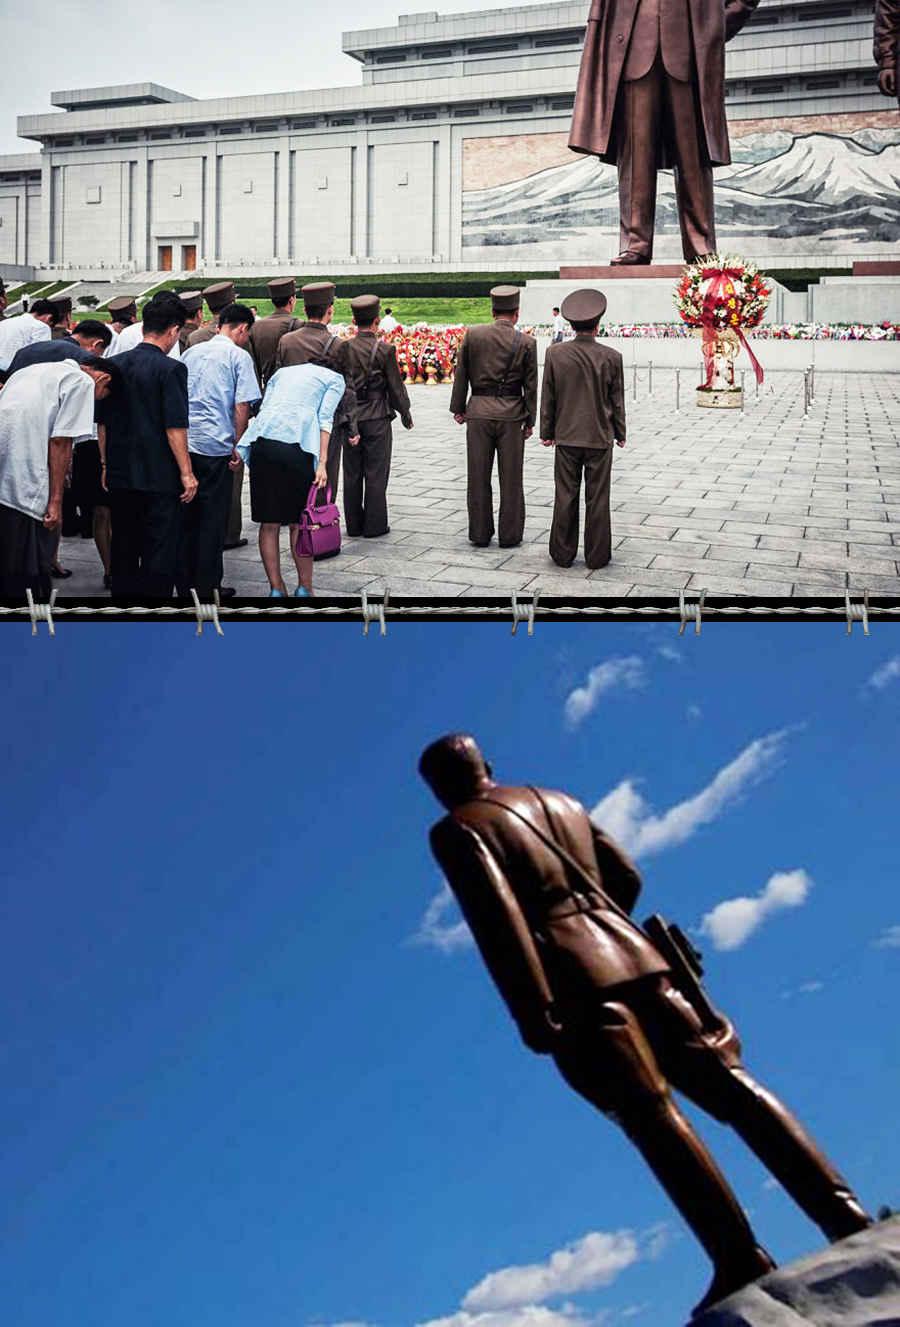 Запрещенные фотографии вождей Северной Кореи, сделанные со спины